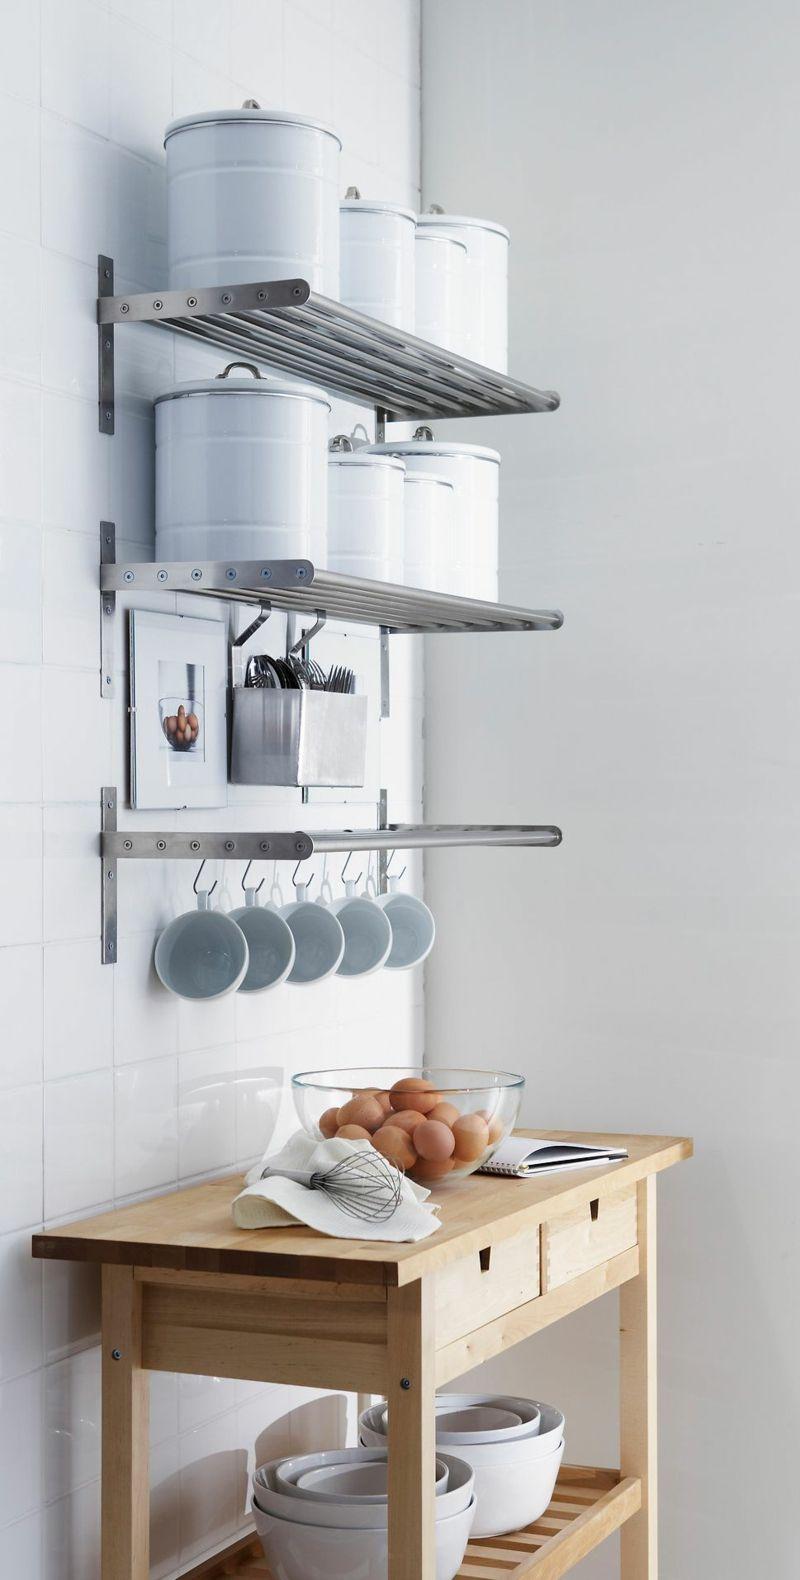 Stilvolle Küchenregale für eine minimalistische Einrichtung ...